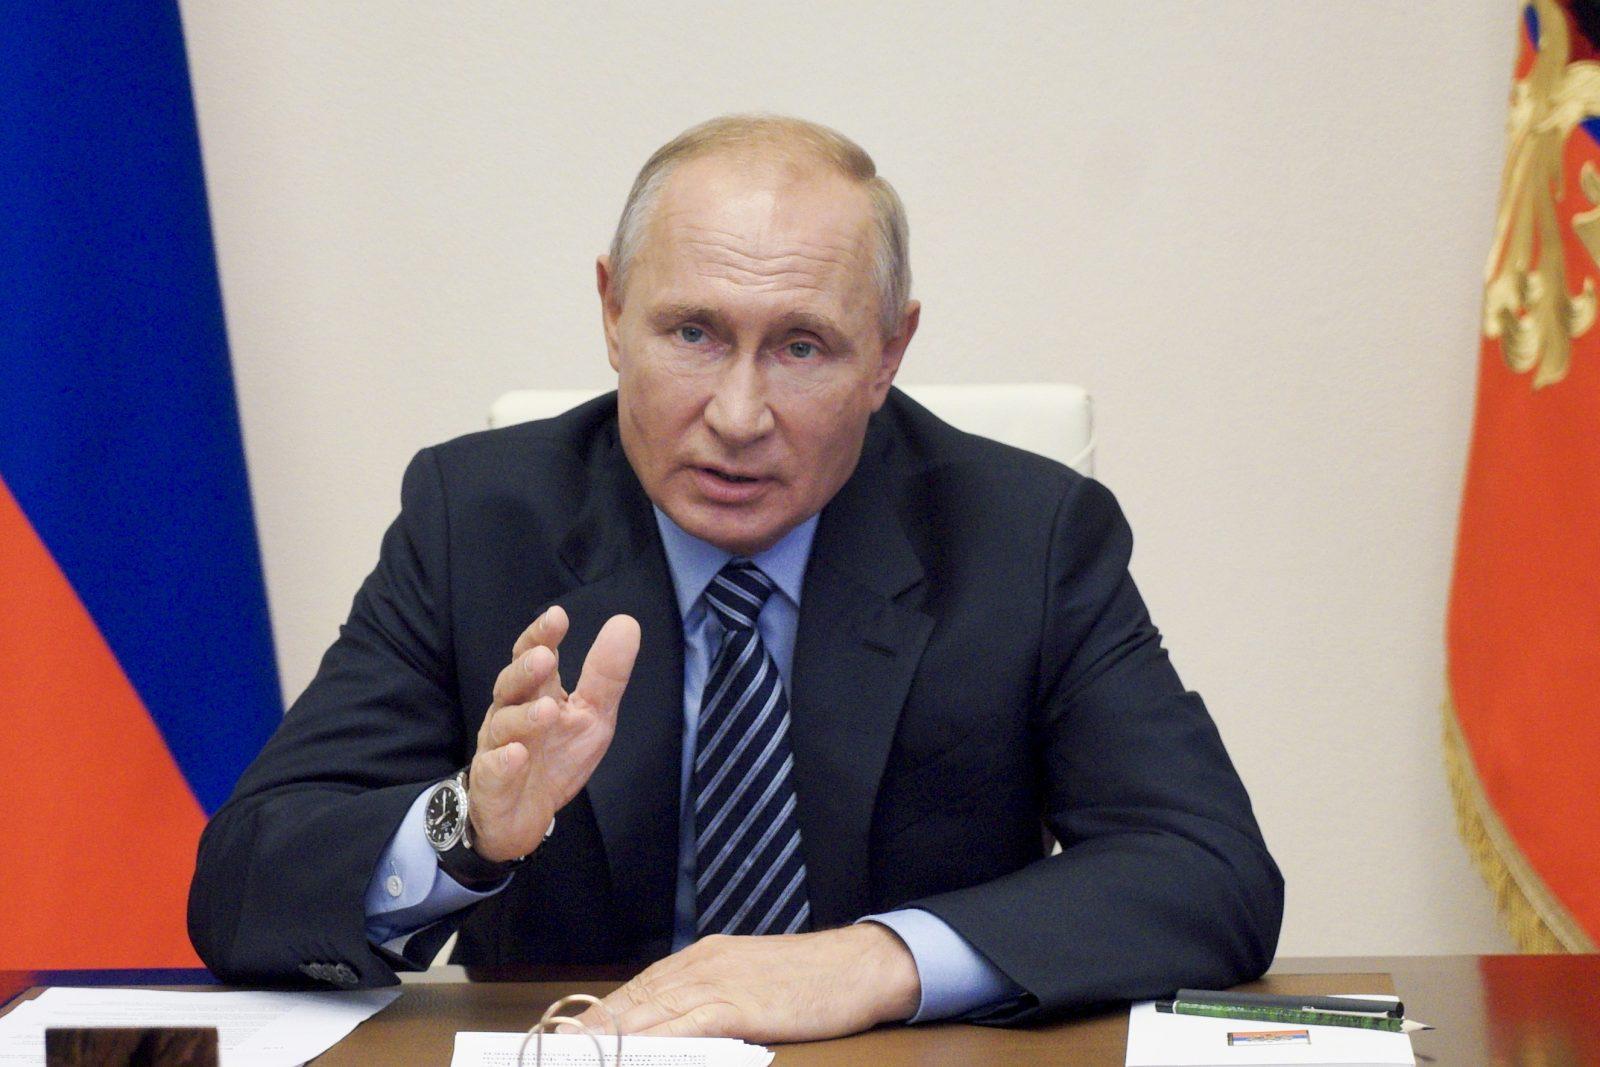 Rußlands Präsident Wladimir Putin warnt ausländische Staaten vor einer Einmischung in Weißrußland Foto: picture alliance / AP Photo